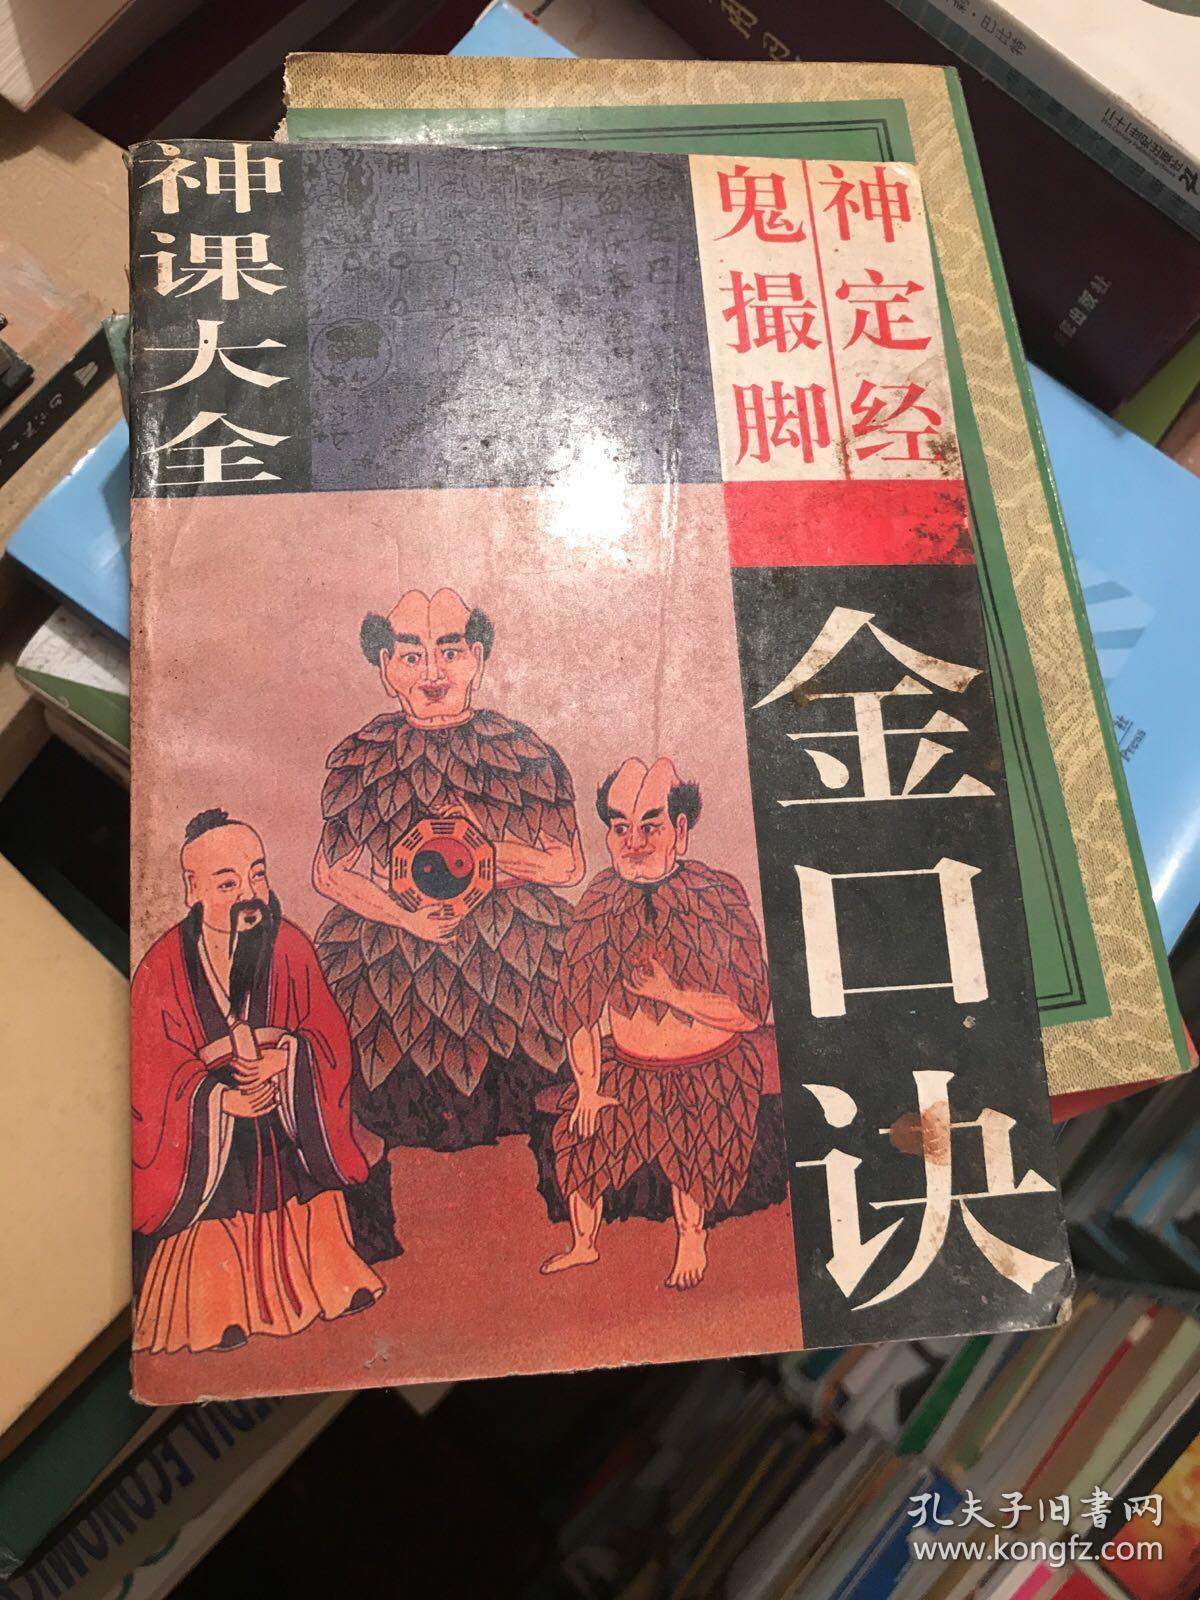 神定神课口诀~金视频鬼撮脚六壬经阿搜狐大全衰图片